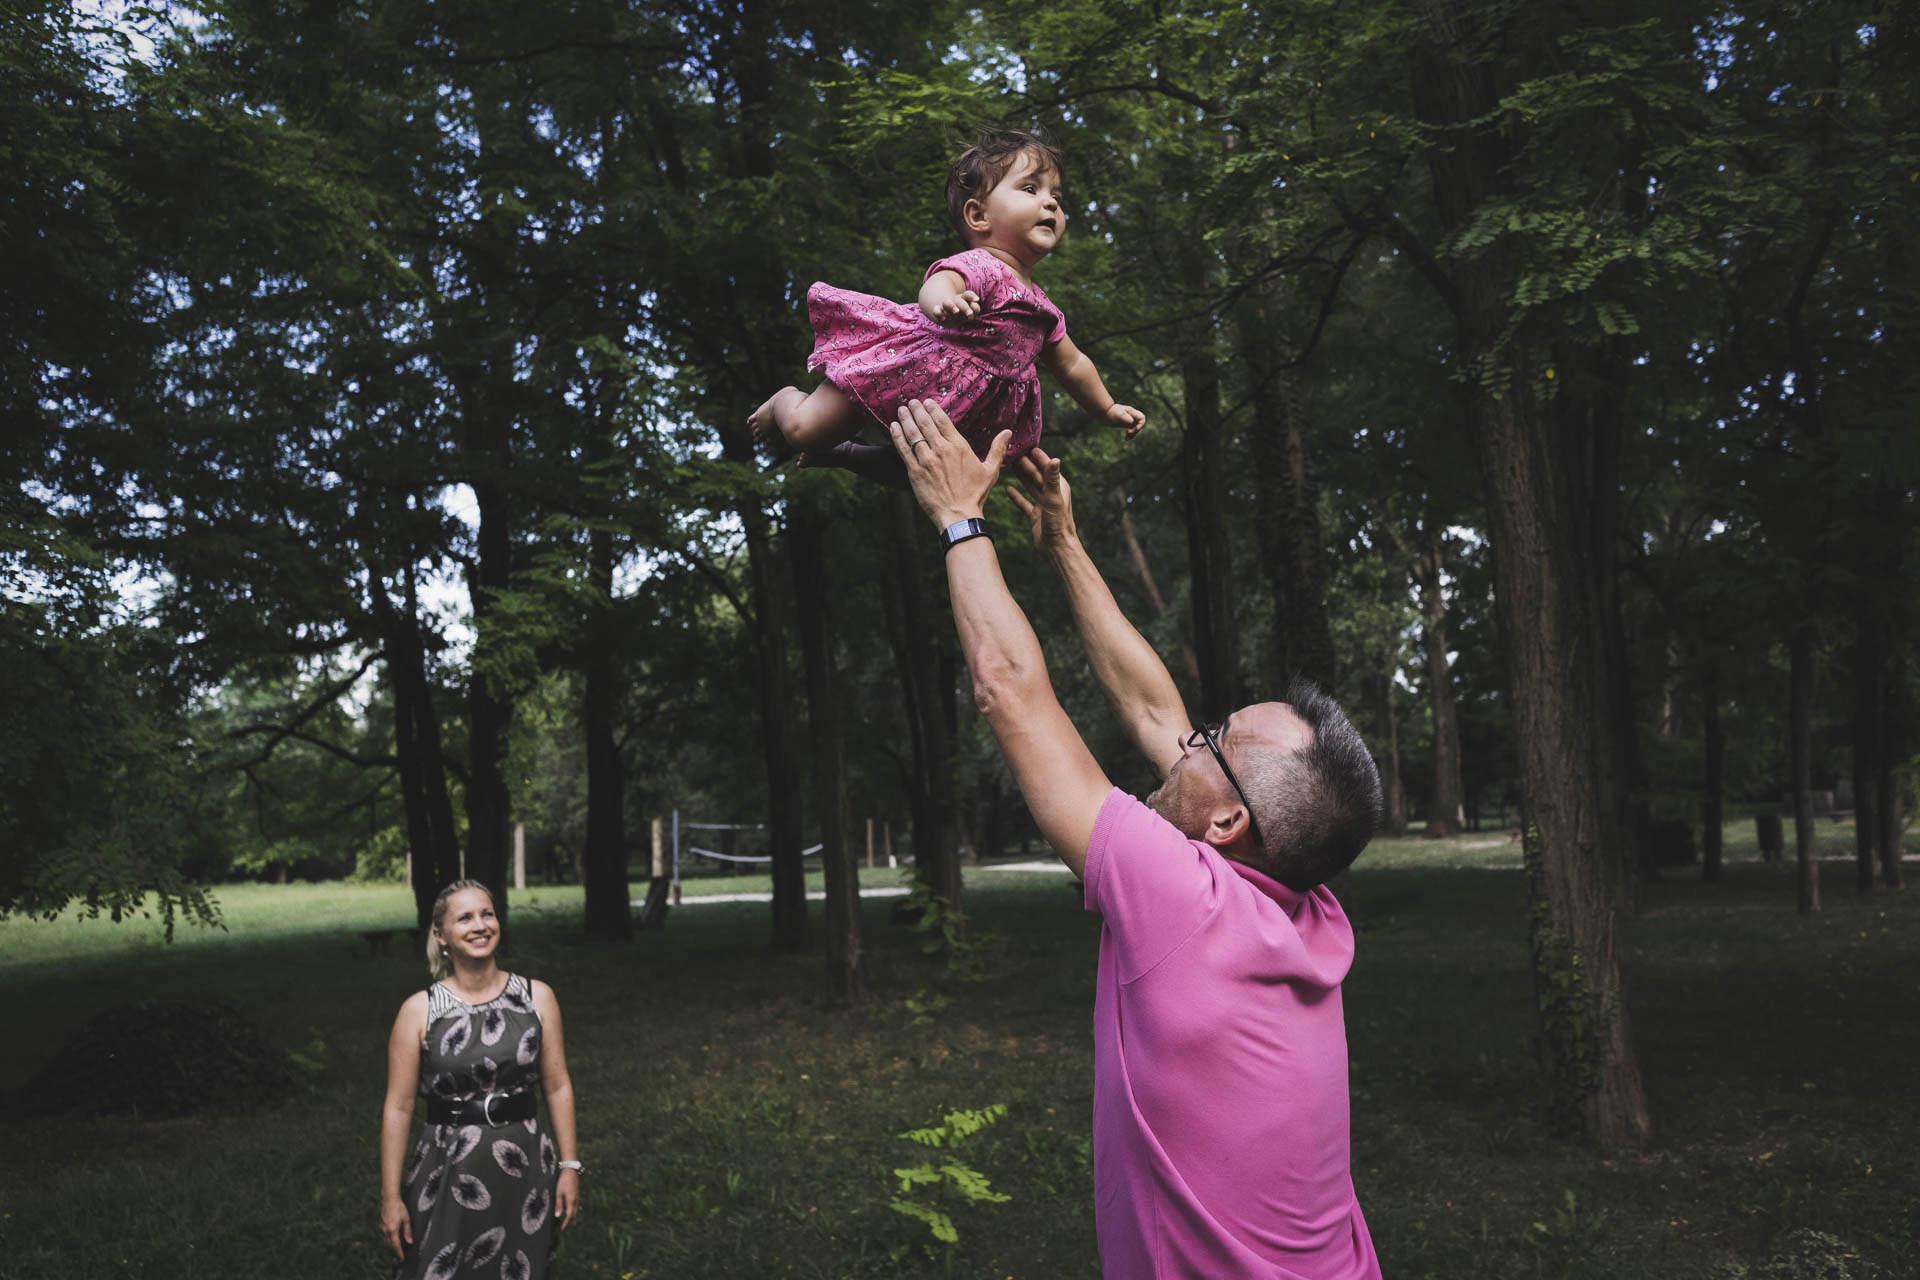 Servizio Fotografico Bambini e Famiglia a Venezia, Veneto. Ecco la piccola Greta. Michelino Studio, fotografo professionista per neonati, bambini e famiglia in Veneto. 009